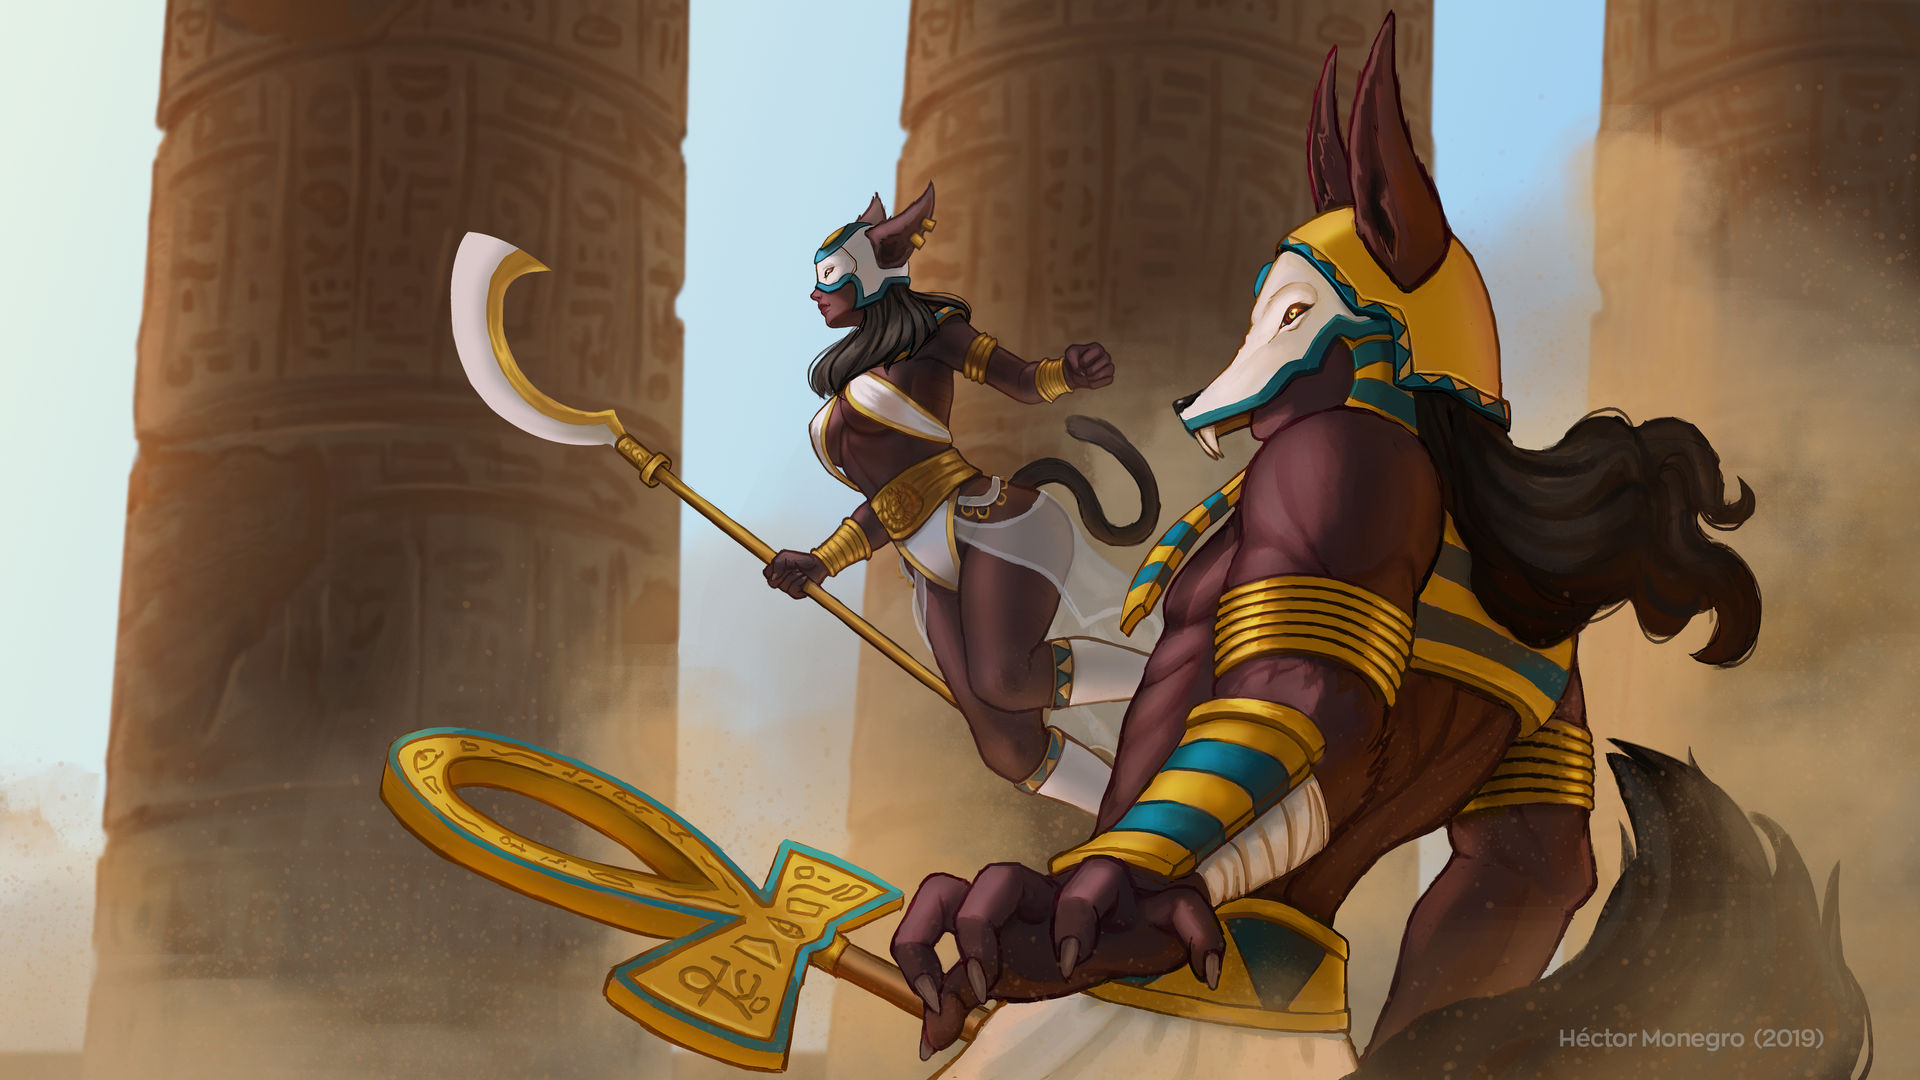 Anubis and Bastet